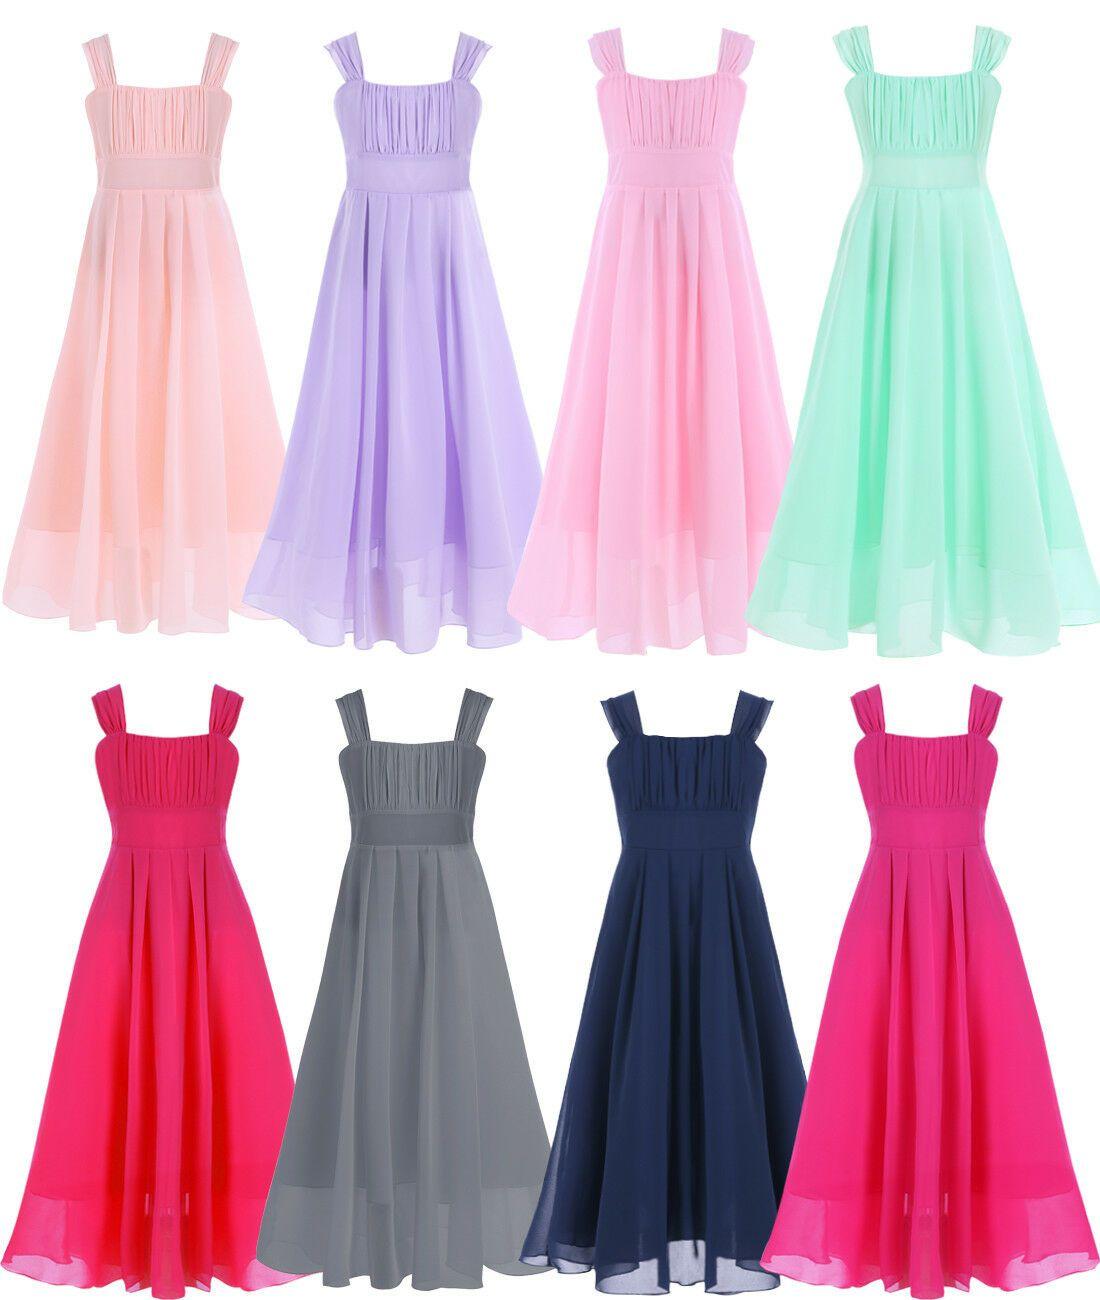 Mädchen Kinder Festlich Kleid Blumenmädchenkleider Größe 17 17